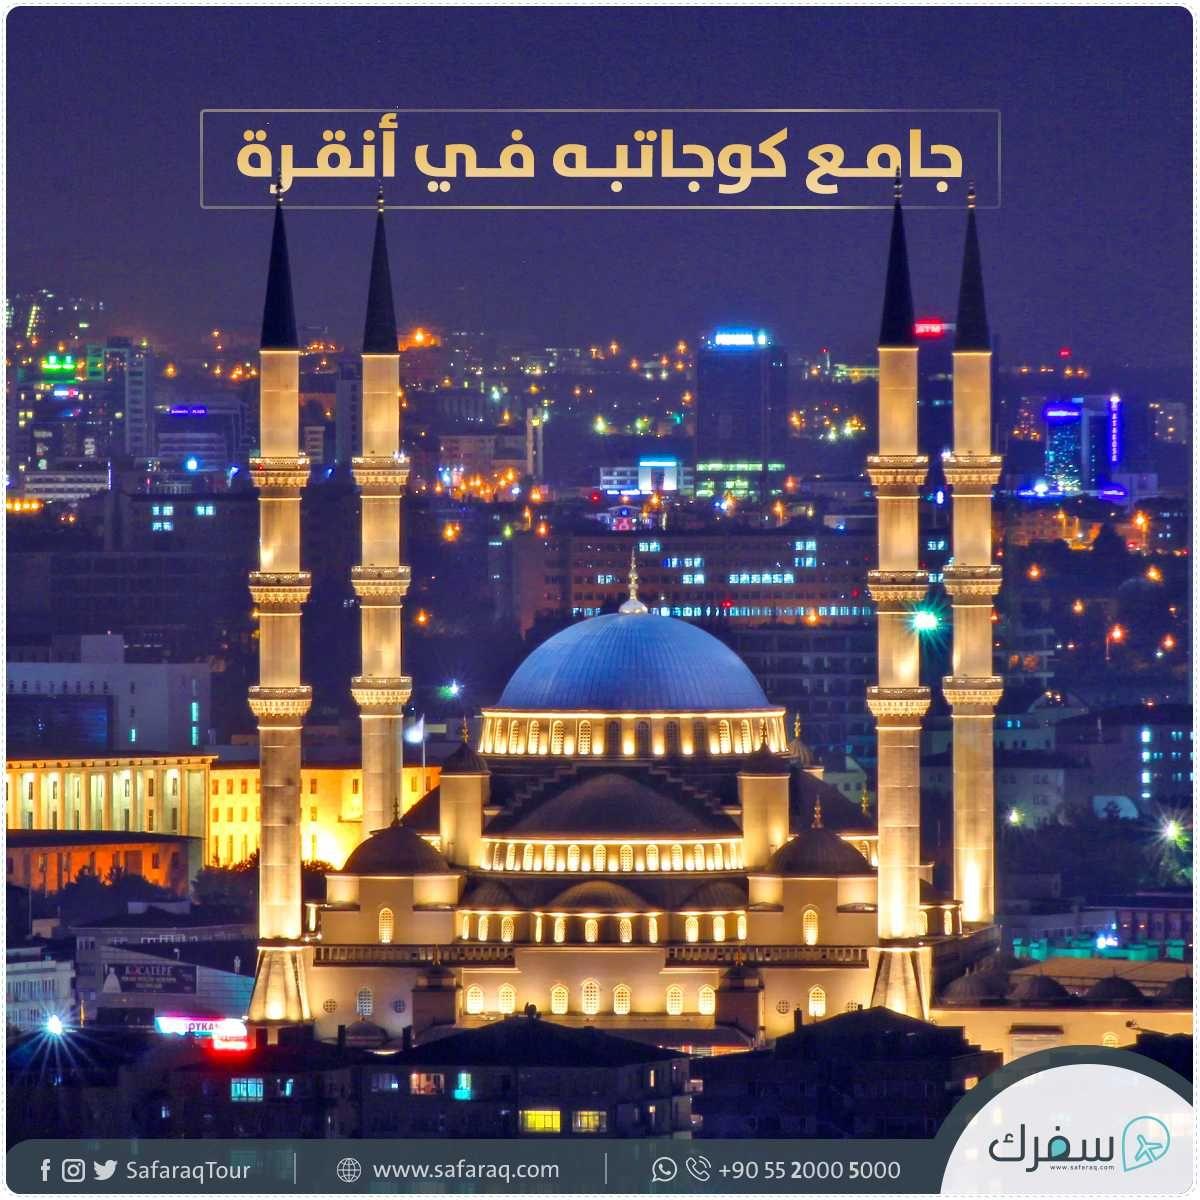 ي عتبر جامع كوجاتبة في أنقرة واحدا من أكبر جوامع العاصمة التركي ة وواحدا من أهم المعالم العمراني ة فيها Cn Tower Tower Landmarks